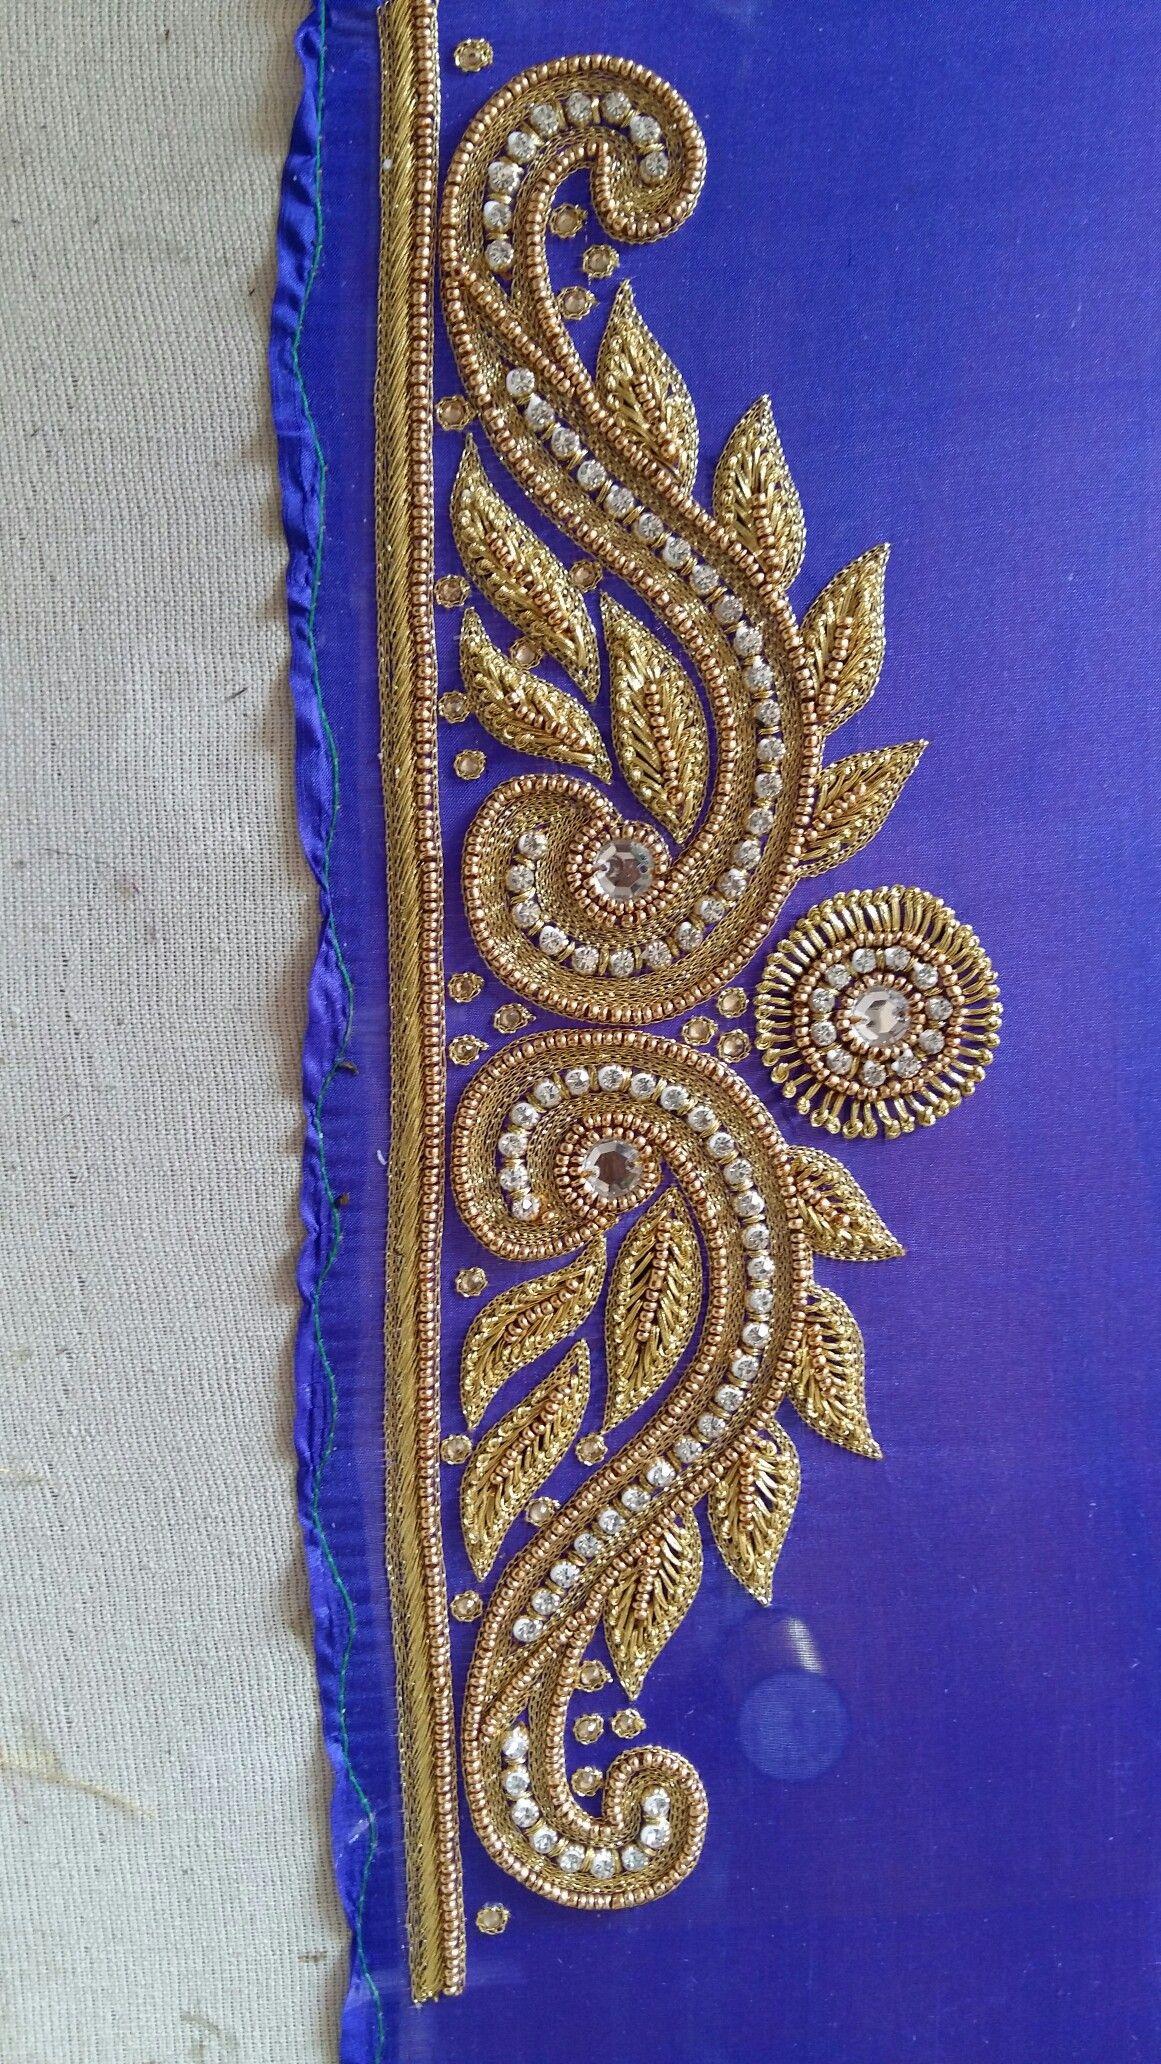 5a85c02e19288 Pin by reshma muralitharan on aari work in 2019